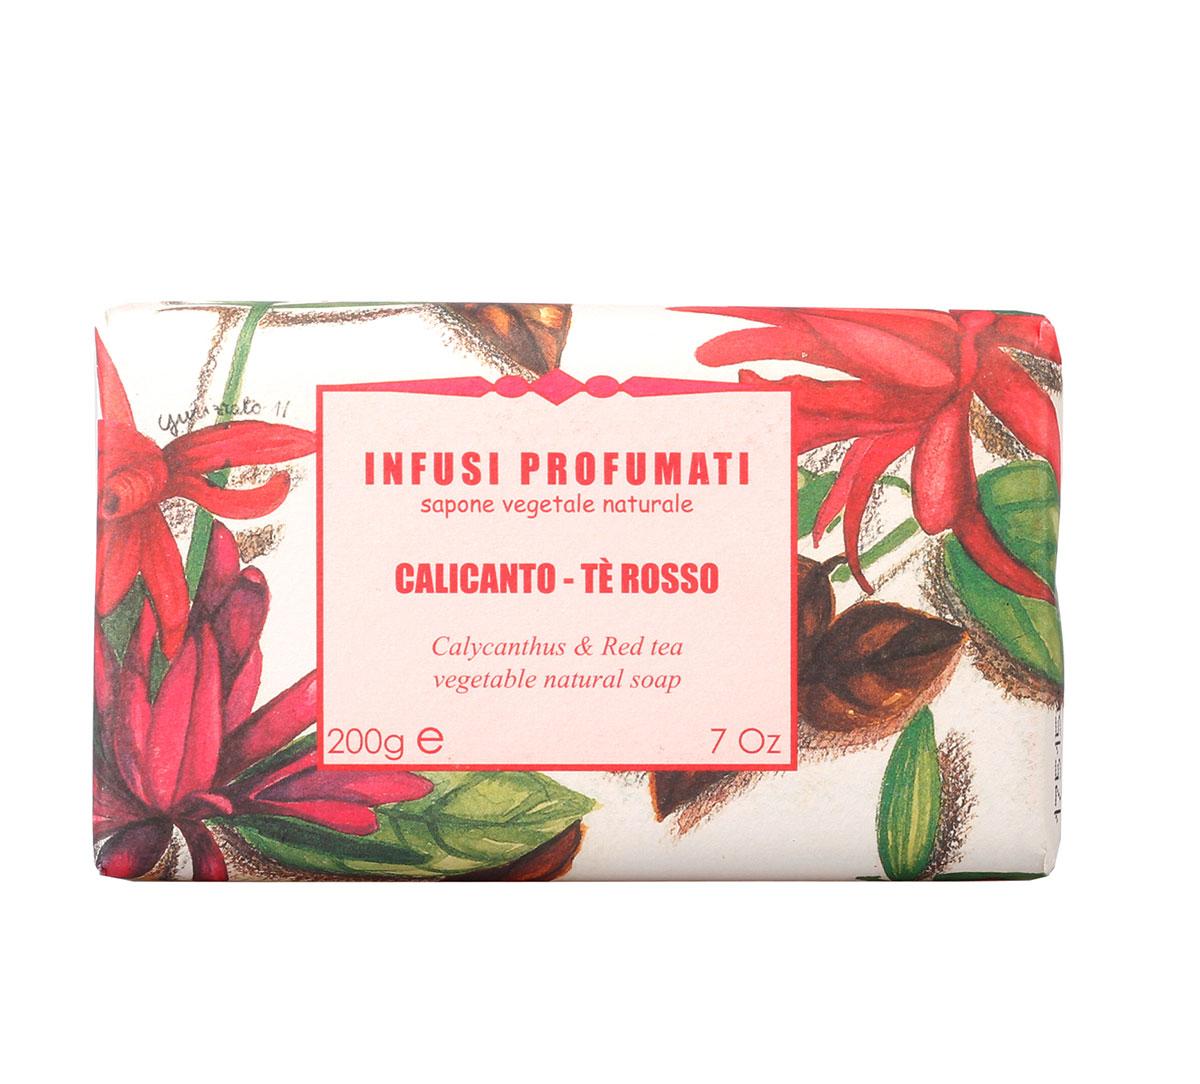 Мыло натуральное с чащицветником и красным чаем , 200 гр, Iteritalia954Натуральное растительное мыло коллекции АРОМАТНЫЙ ЧАЙ соединяет в себе различные сорта чая с добавлением трав, цветов и фруктов. Деликатный аромат чащисветника с острыми нотками красного чая.